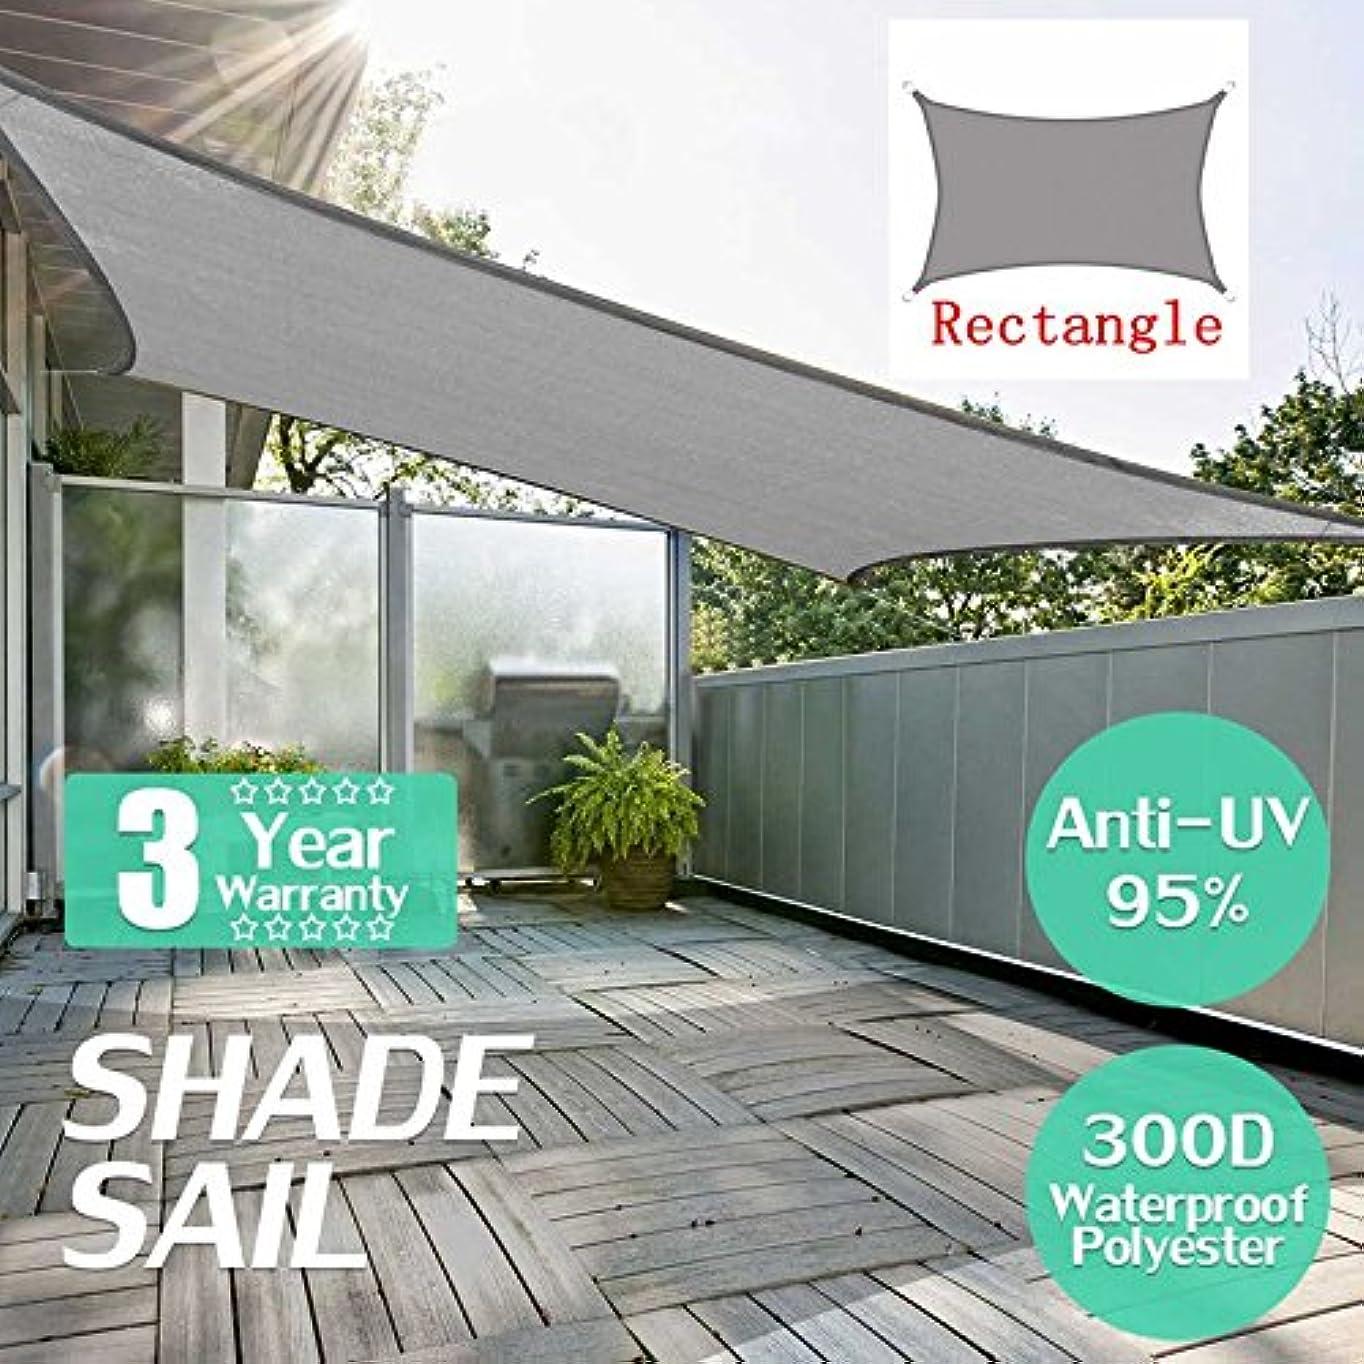 露骨な幅取り消すKING DO WAY 95%UVカット サンシェード 日除け シェード #300D高品質防水ポリエステル グレー 160g 長方形 300X400CM